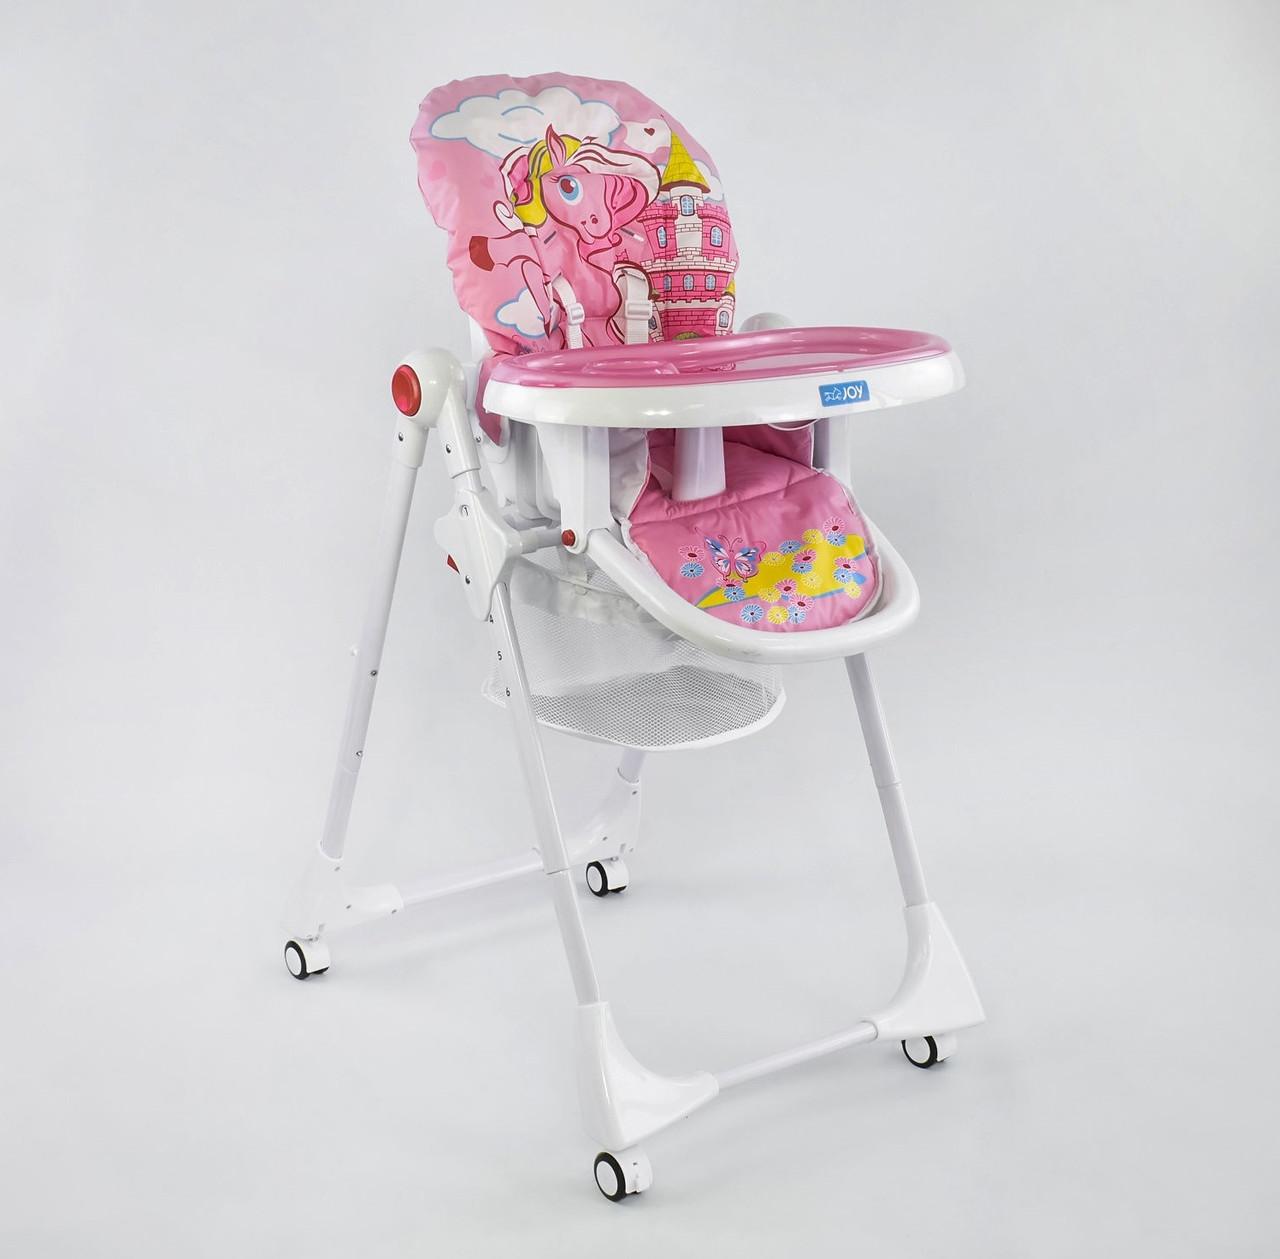 Стульчик для кормления Joy К-73480 Pink (К-73480)